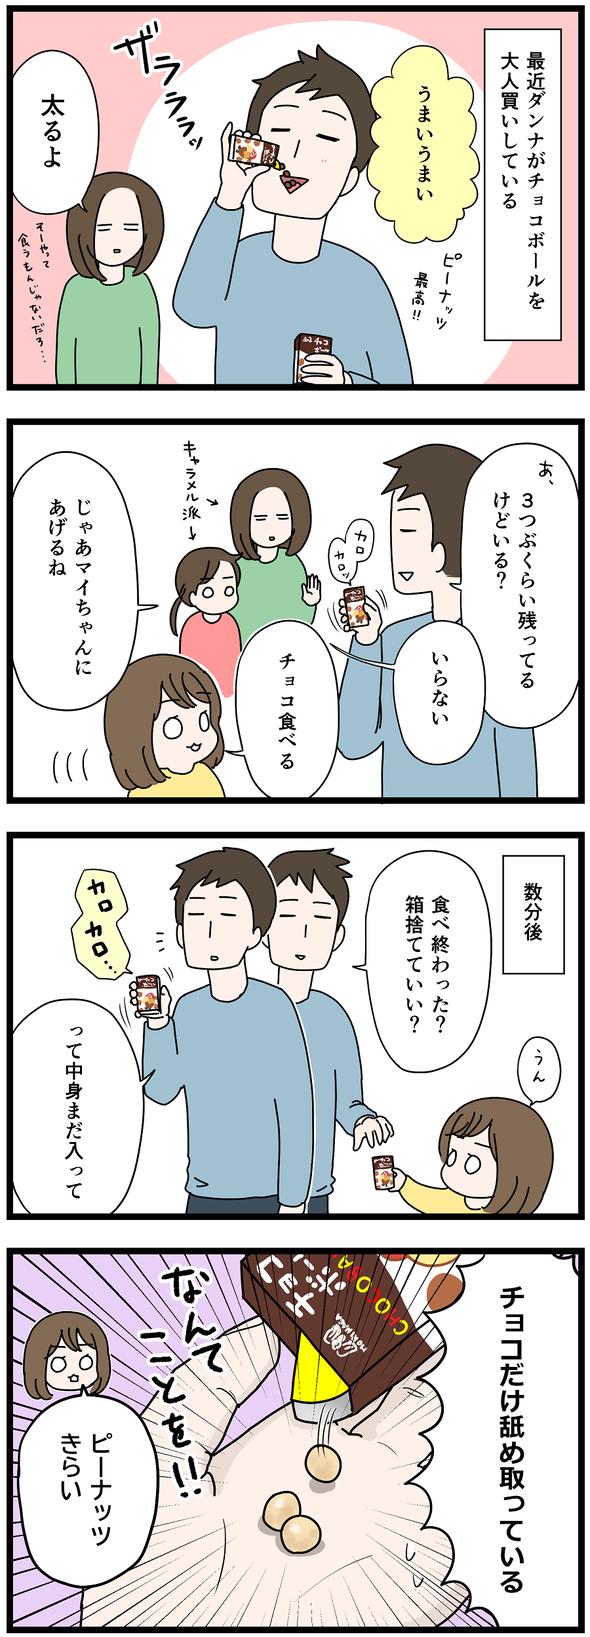 icchomae998